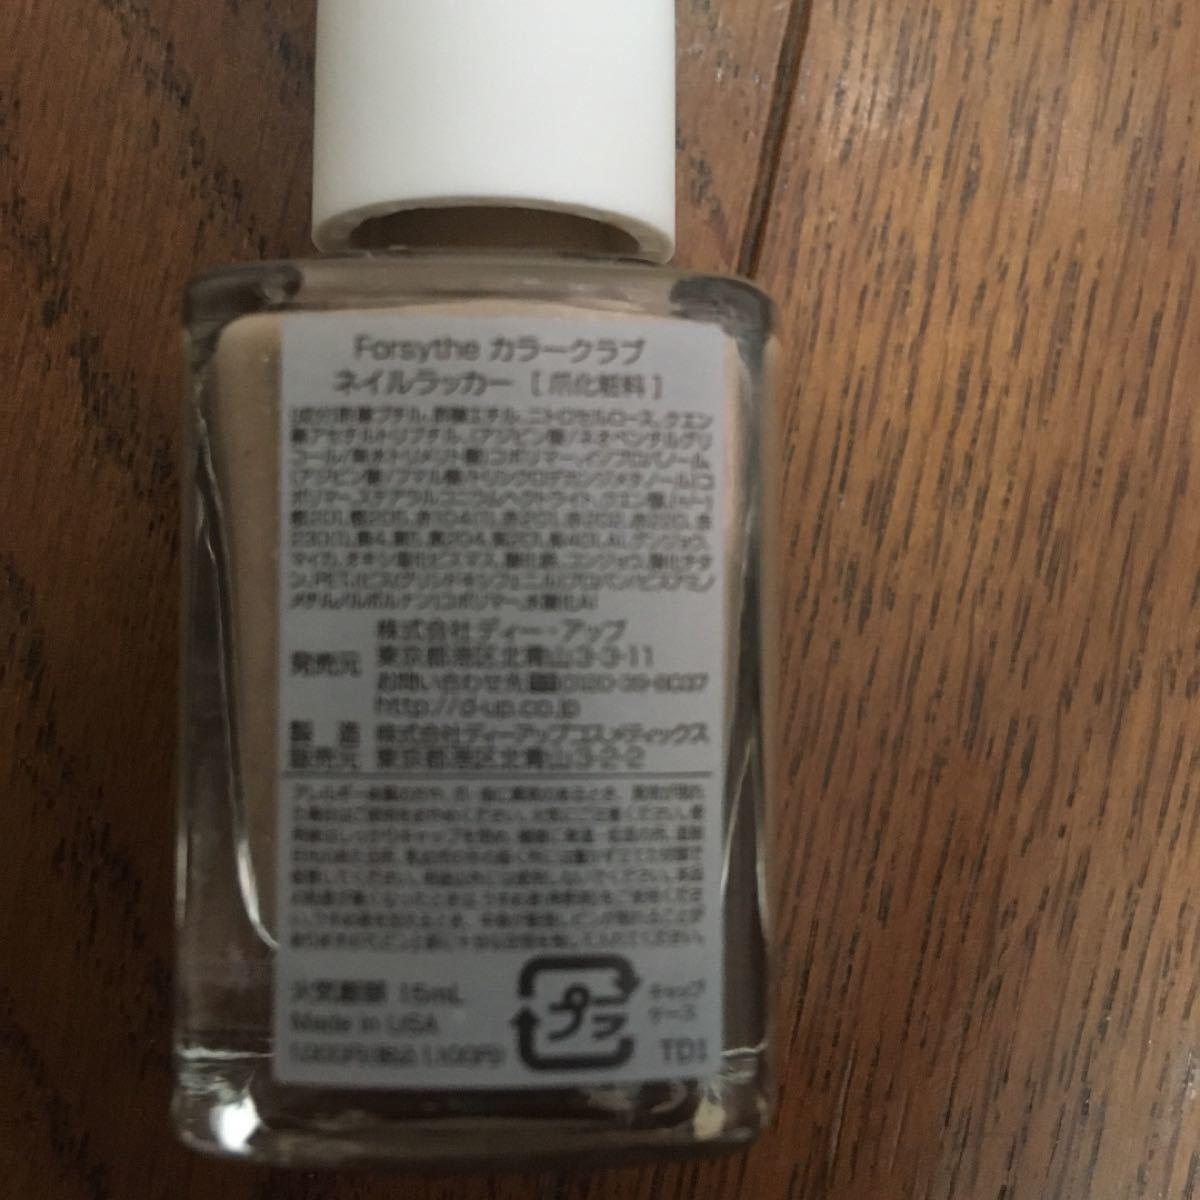 forsythe マニキュア D247